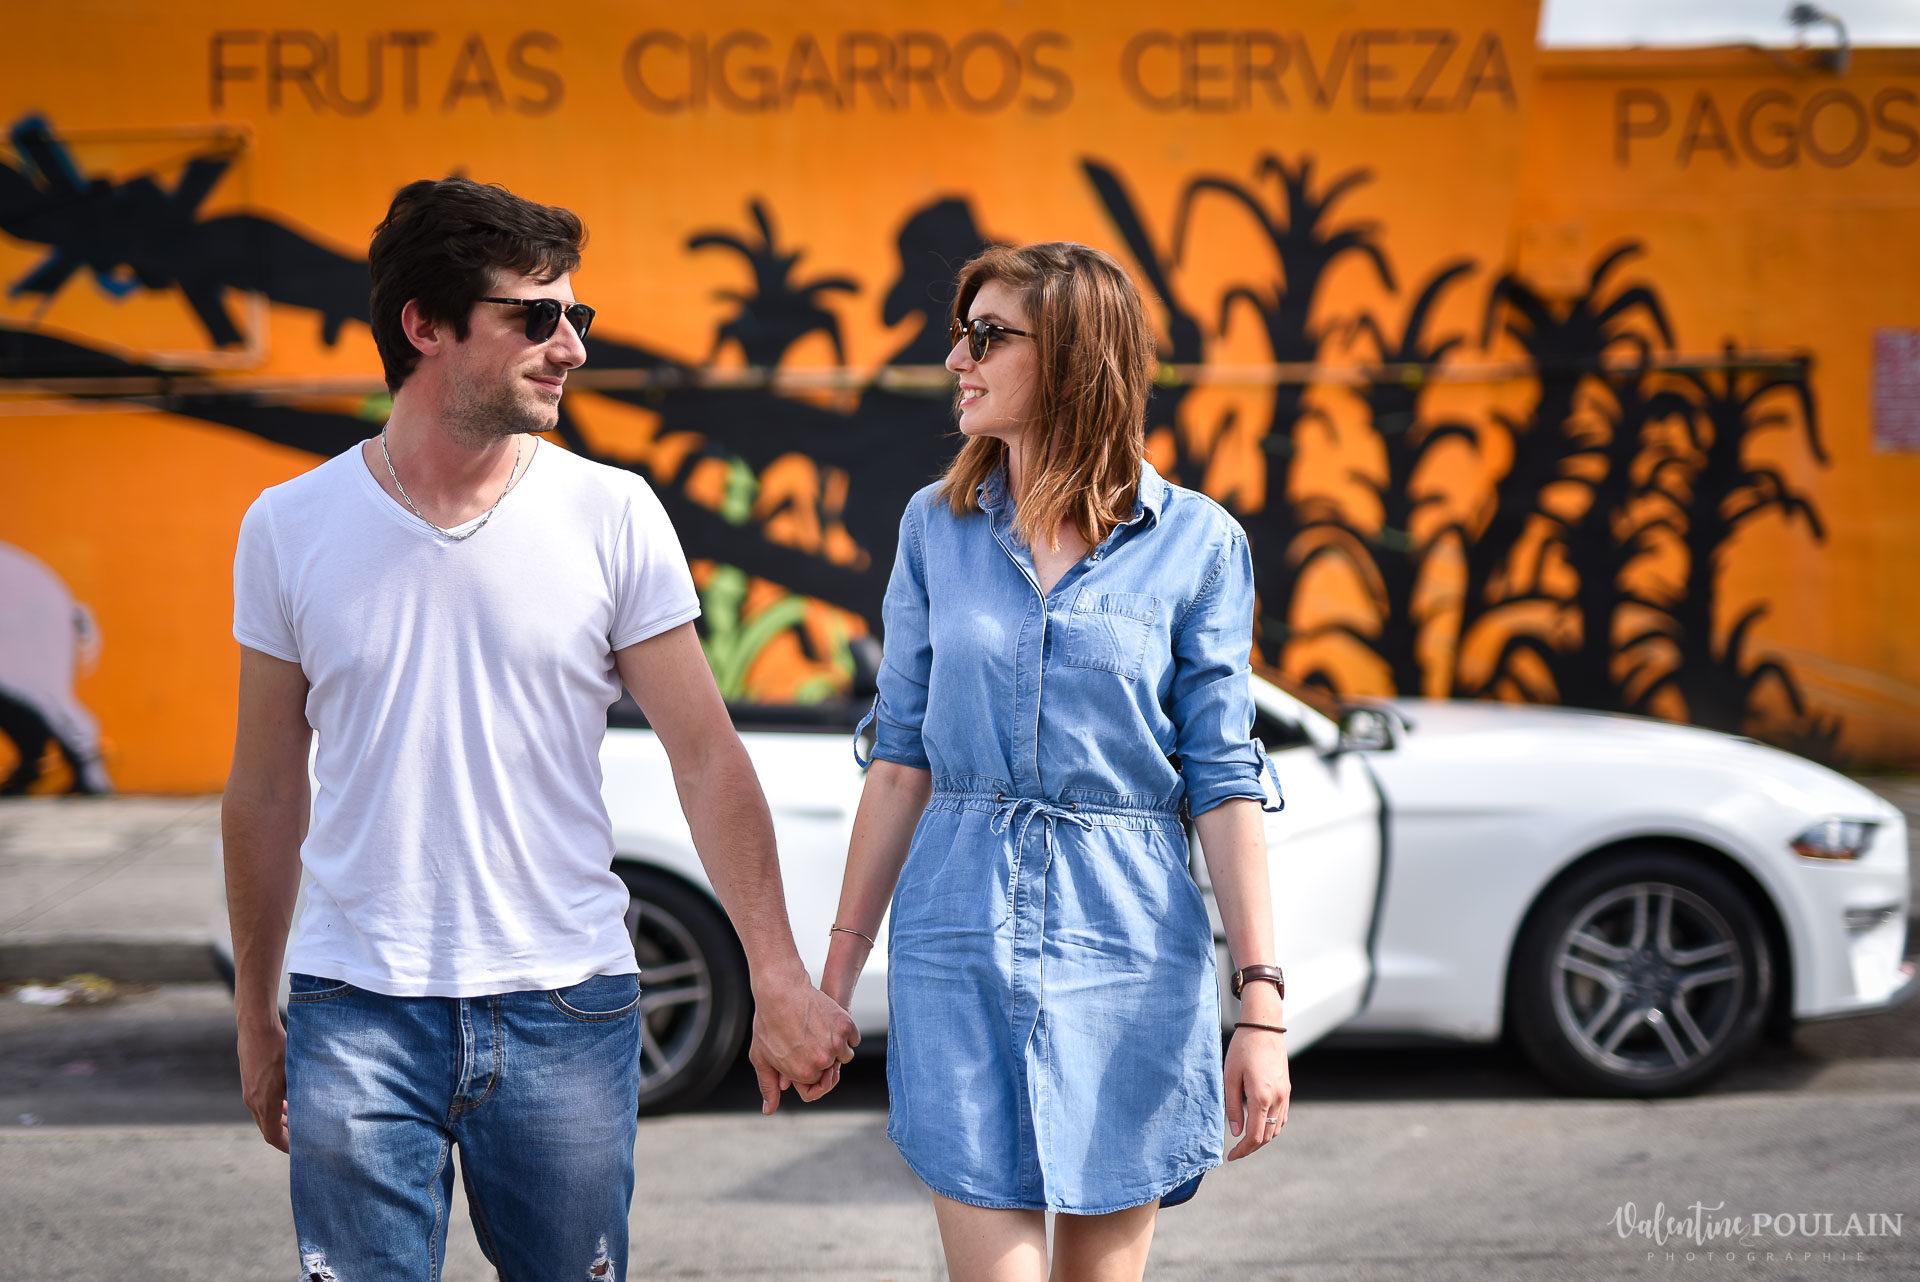 Couple Miami Wynwood - Valentine Poulain street